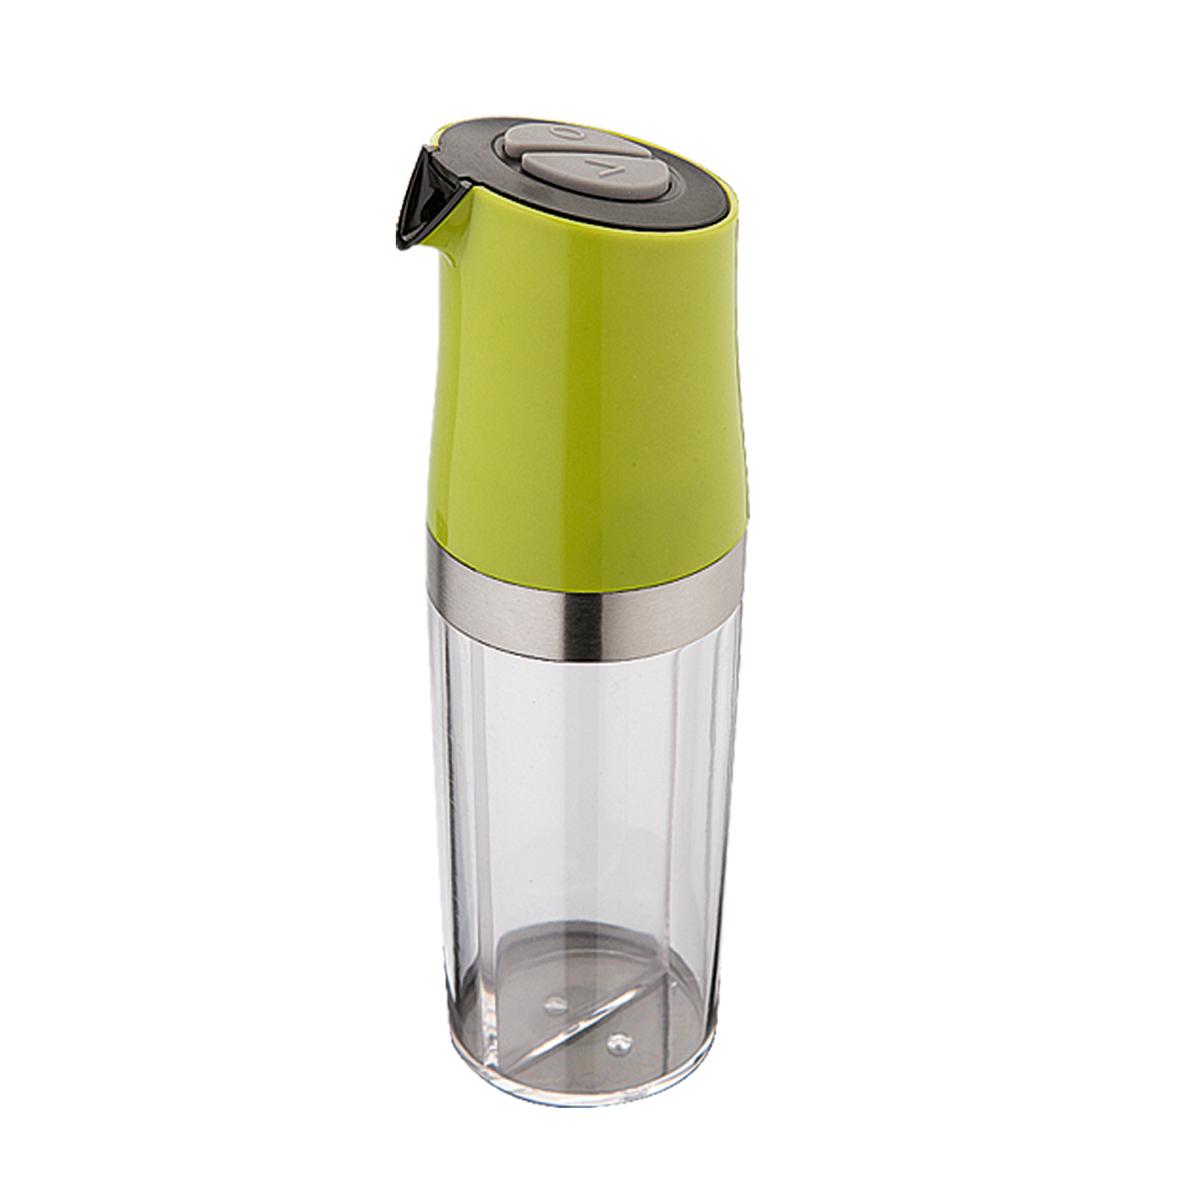 Емкость для масла и уксуса Dekok с дозатором, цвет: прозрачный, фисташковыйSJ-50Емкость для масла и уксуса Dekok изготовлена из высококачественного пластика и стали и оснащена специальным дозатором-разбрызгивателем. Она легка в использовании. Прозрачная колба имеет внутри перегородку, благодаря которой в емкости может одновременно находится и масло, и уксус. На колбе расположен дозатор, оснащенный двумя кнопками. Стоит только нажать кнопку с отметкой О - и вы будете распылять масло, а на отметку V - распылять только уксус. Быстро и просто! Оригинальная емкость будет отлично смотреться на вашей кухне. Размер емкости (с учетом дозатора): 6 см х 6 см х 19,5 см.